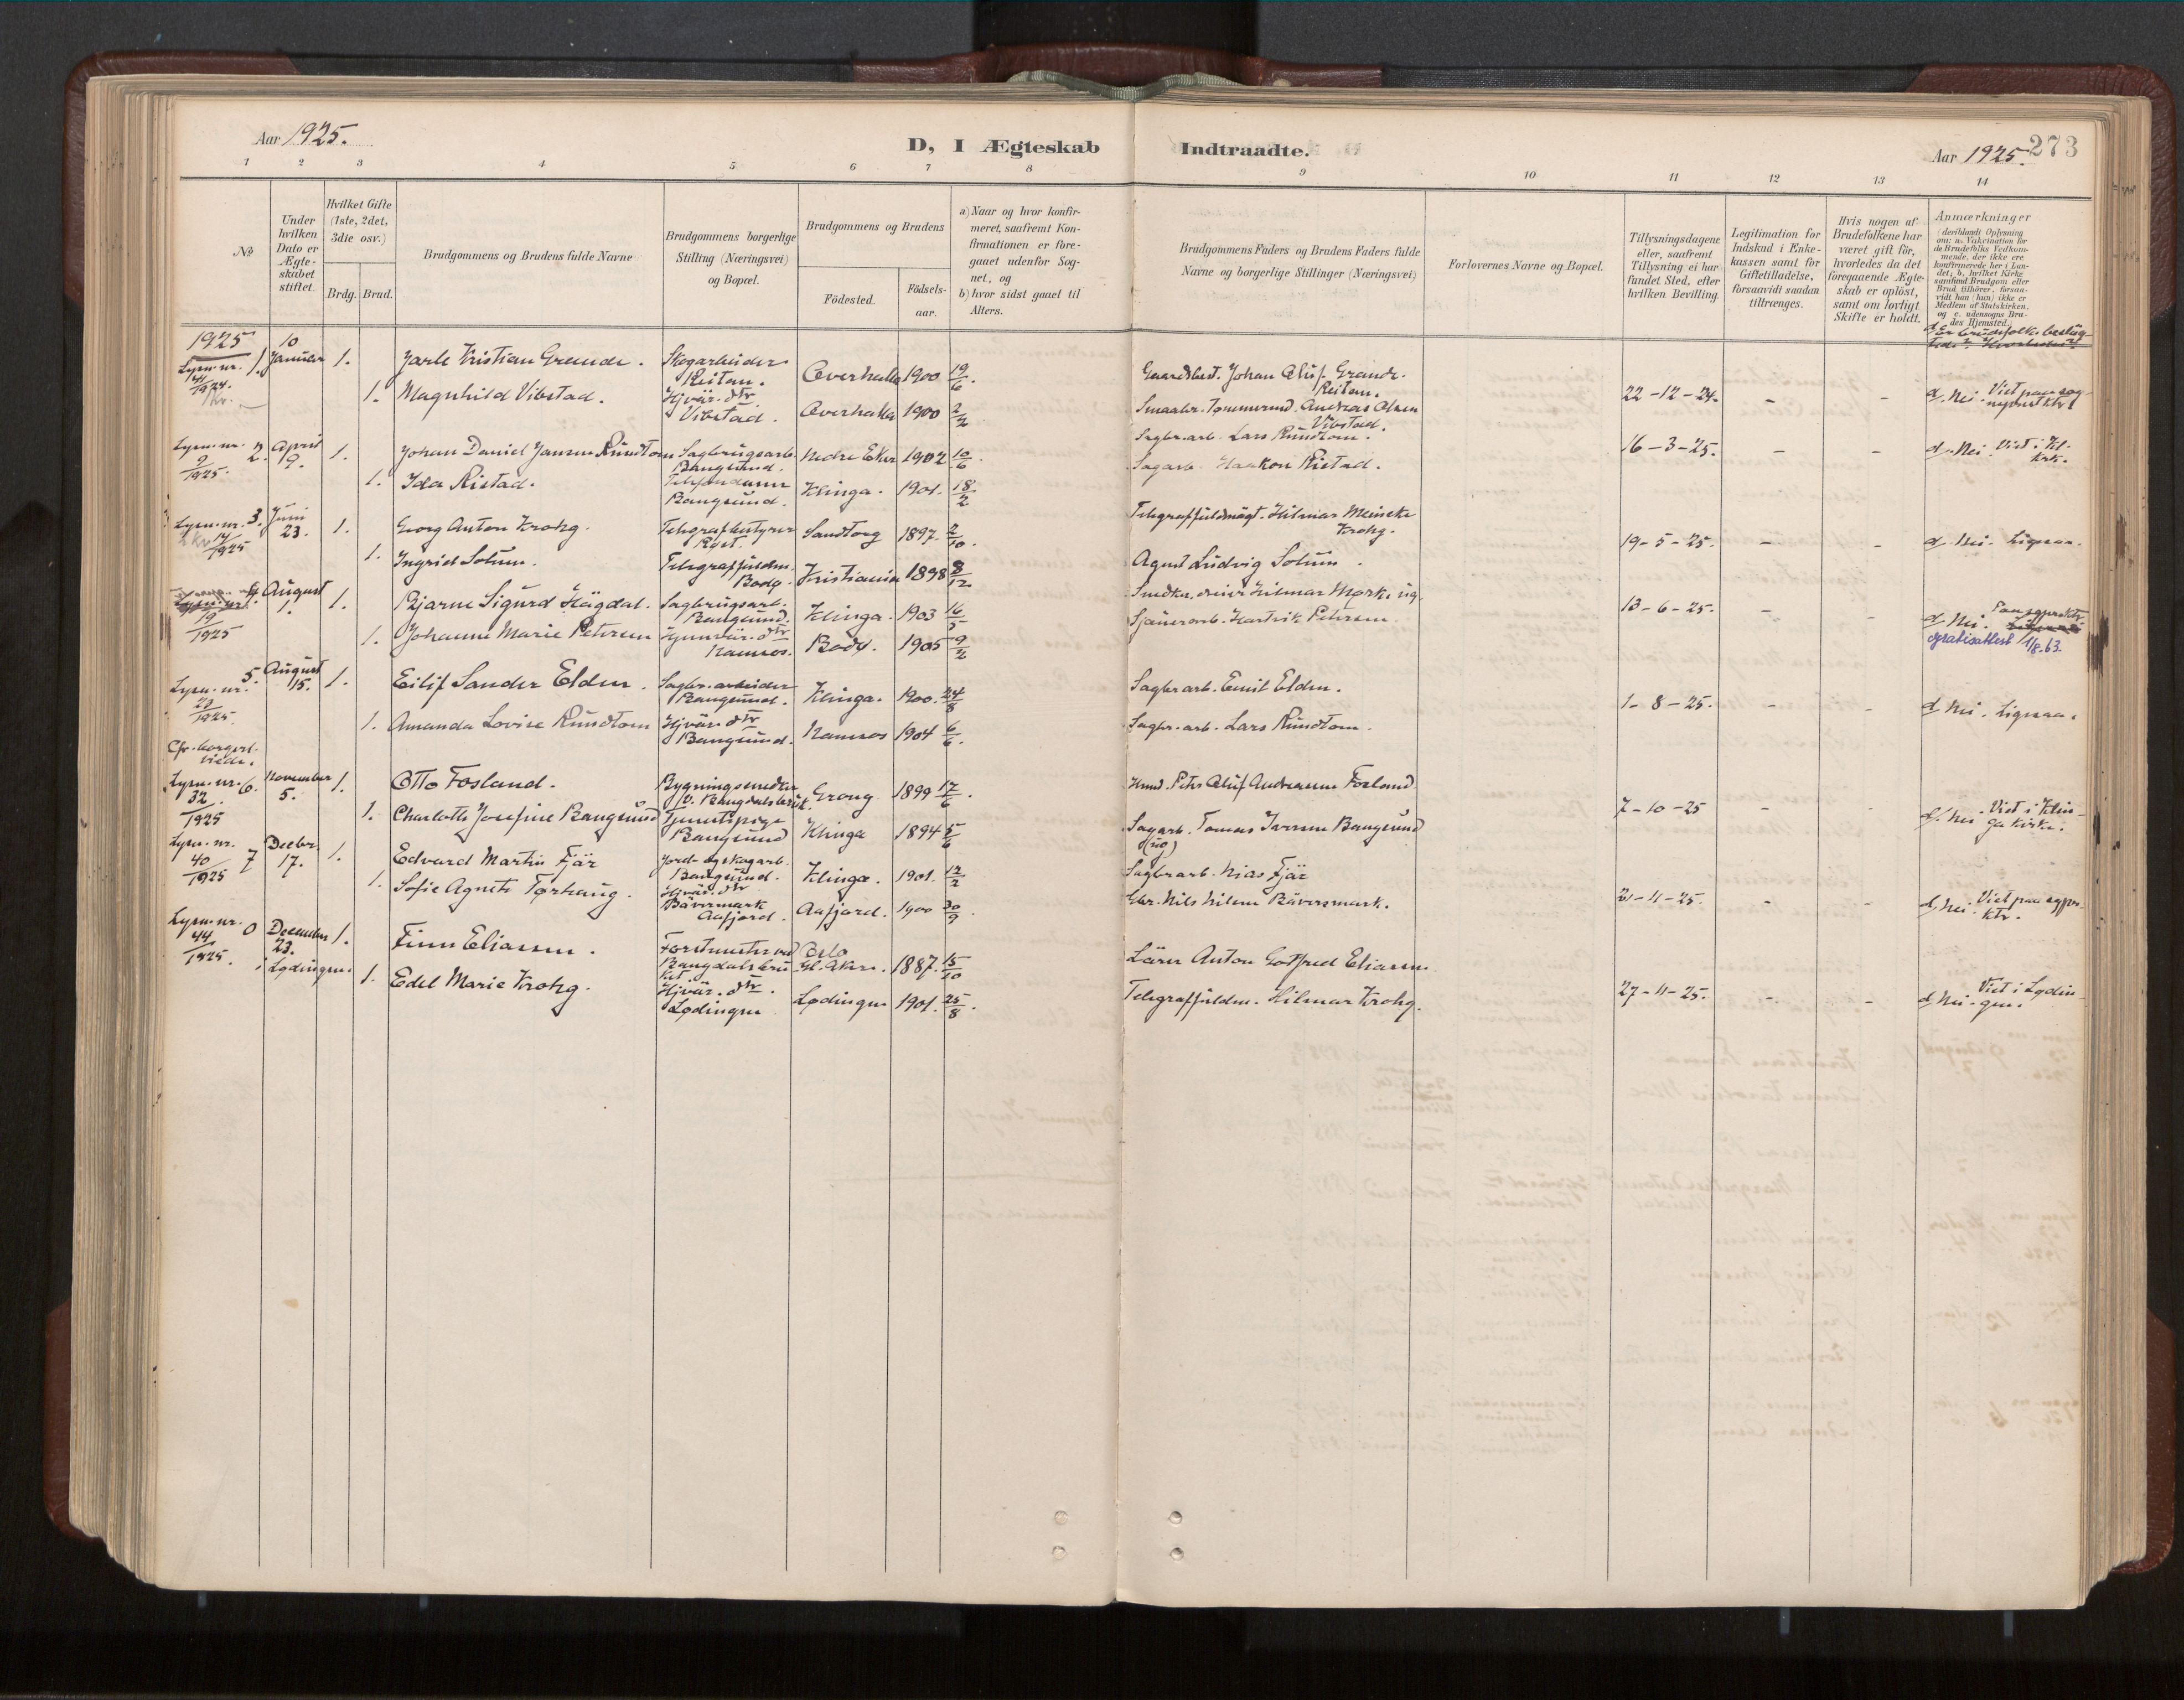 SAT, Ministerialprotokoller, klokkerbøker og fødselsregistre - Nord-Trøndelag, 770/L0589: Ministerialbok nr. 770A03, 1887-1929, s. 273